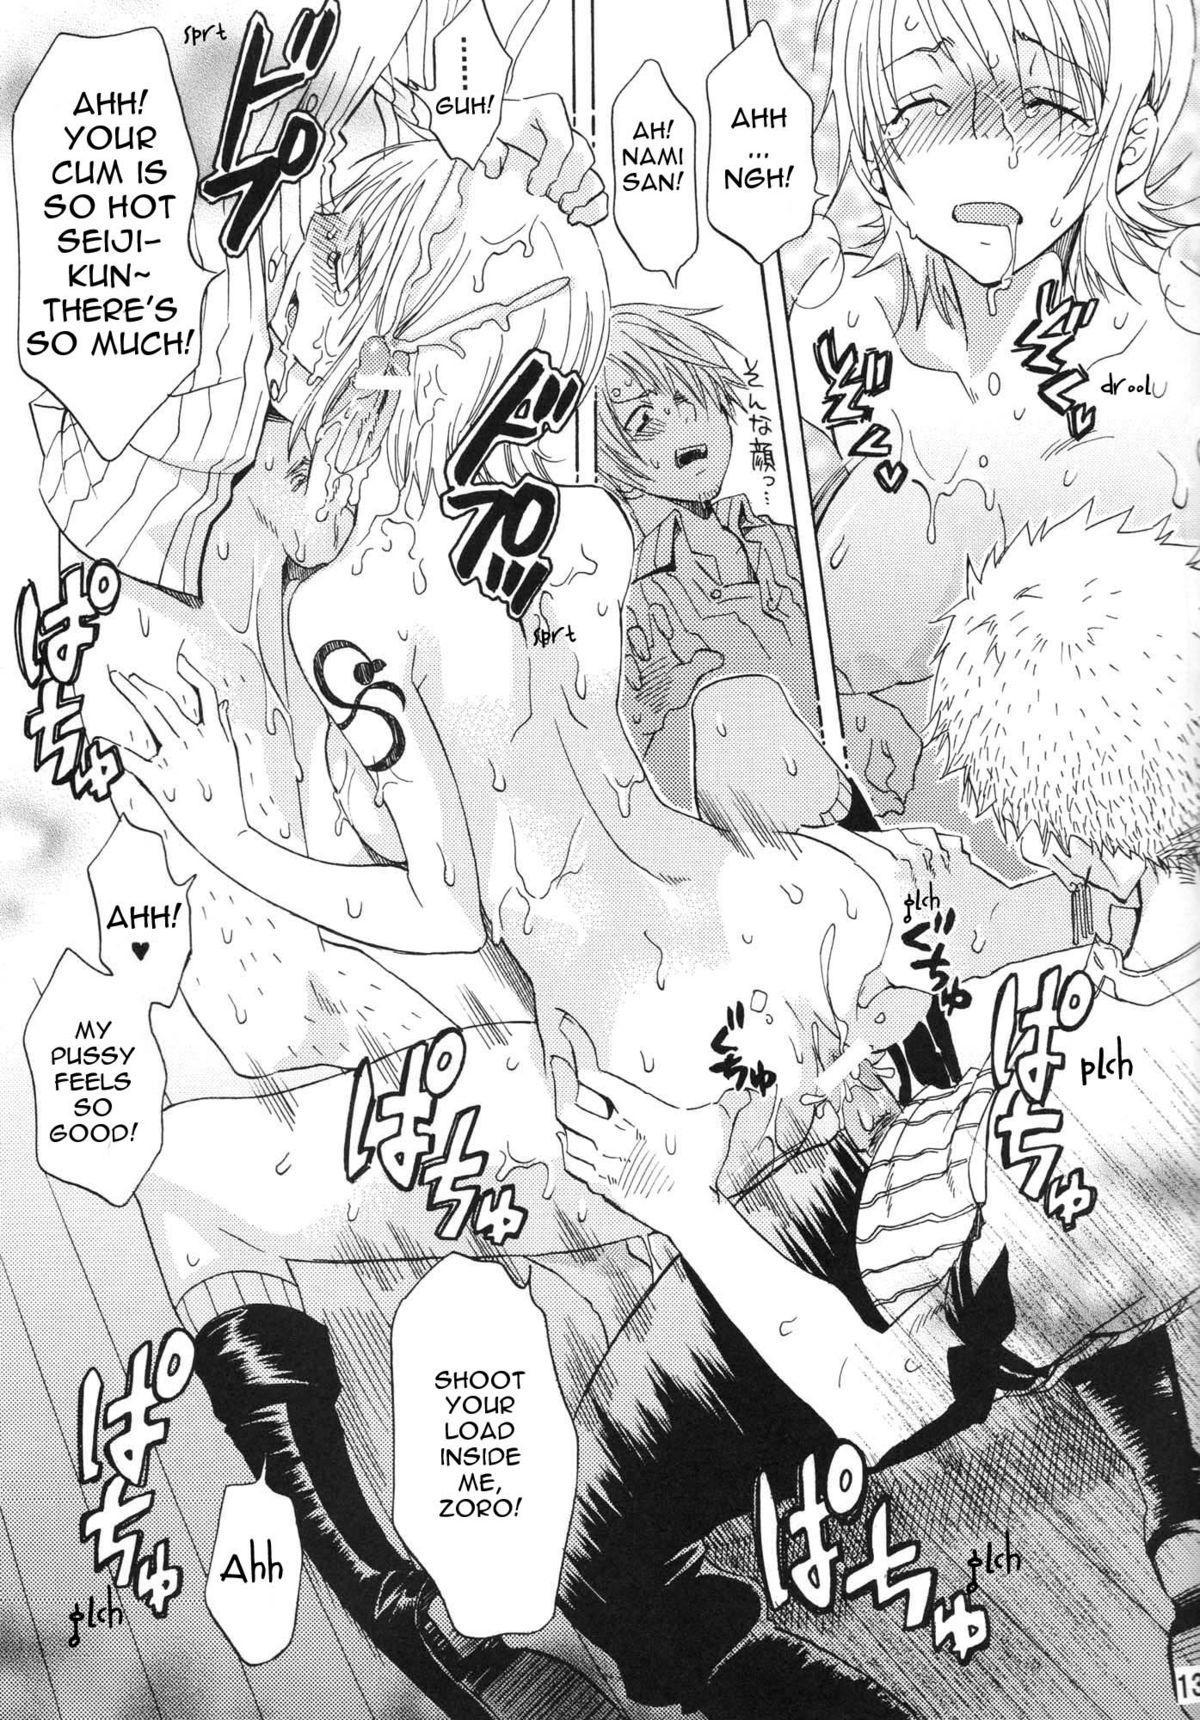 (C74) [Kurione-sha (YU-RI)] Nami-chan to mou 1kai!   Nami-chan in... One More Time! (One Piece) [English] {doujin-moe.us} 11